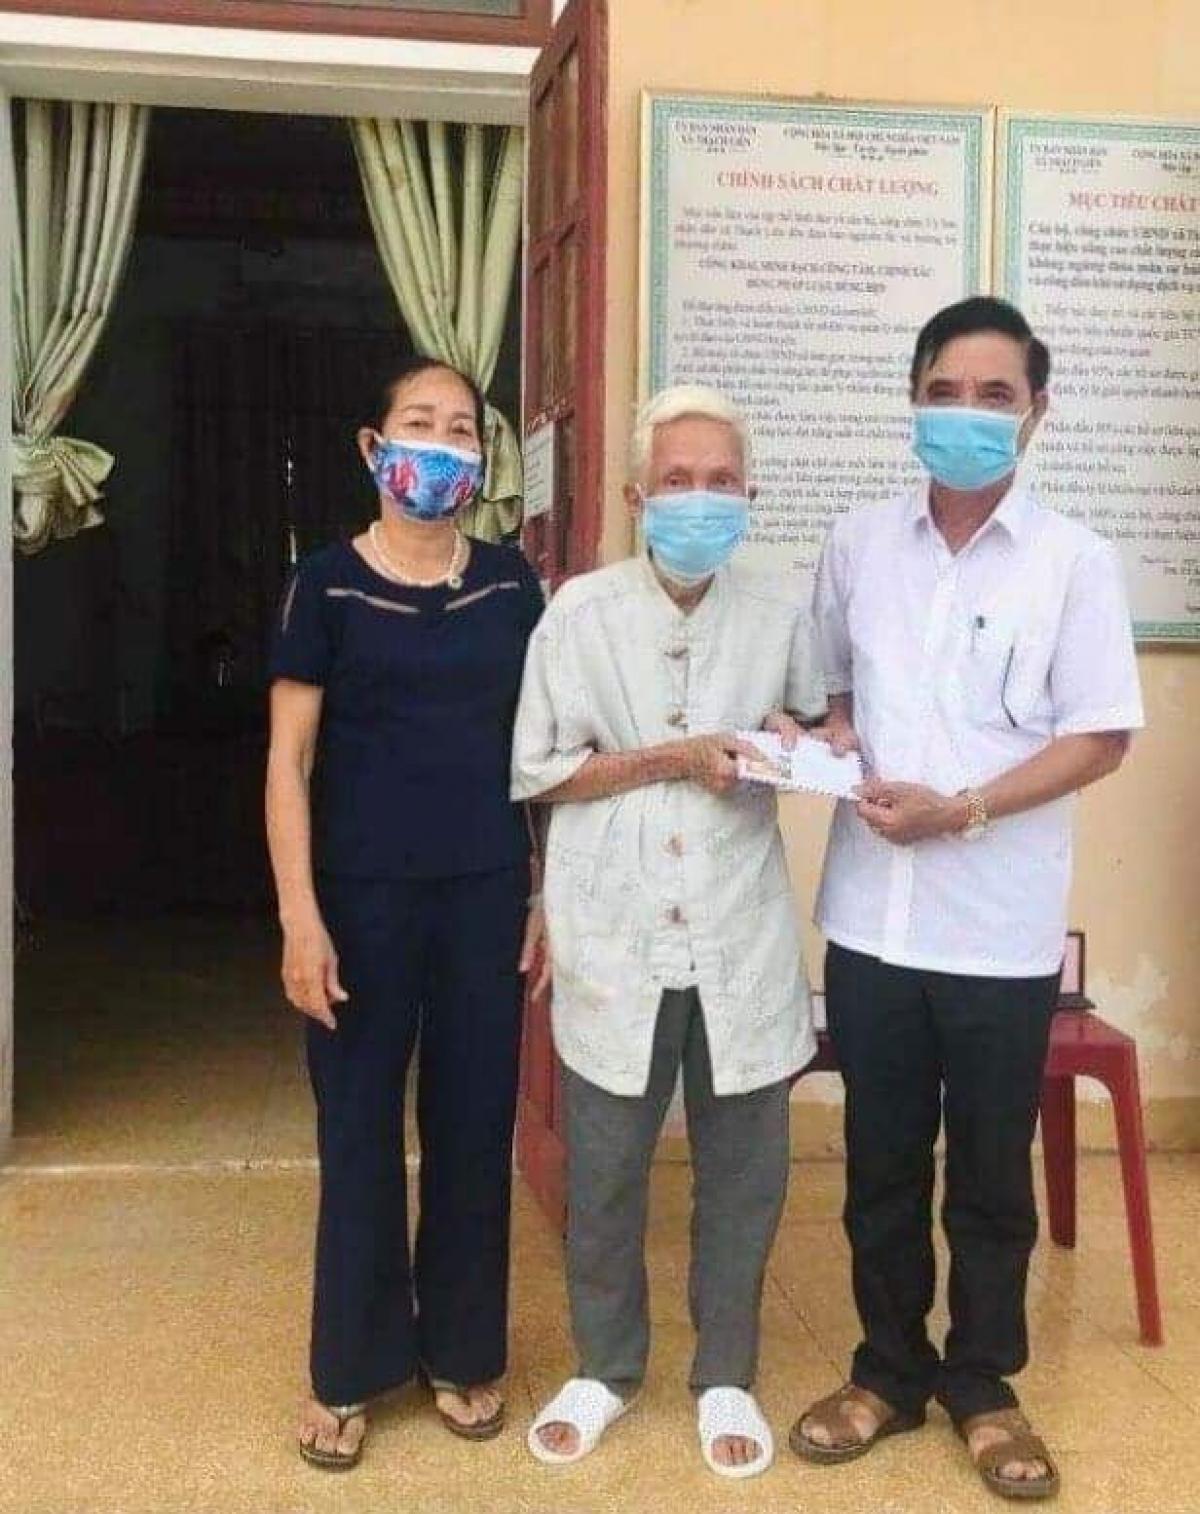 Cụ Lục trao tặng số tiền 10 triệu đồng ủng hộ Quỹ vaccine phòng, chống Covid-19.Ảnh: Khắc Mại.